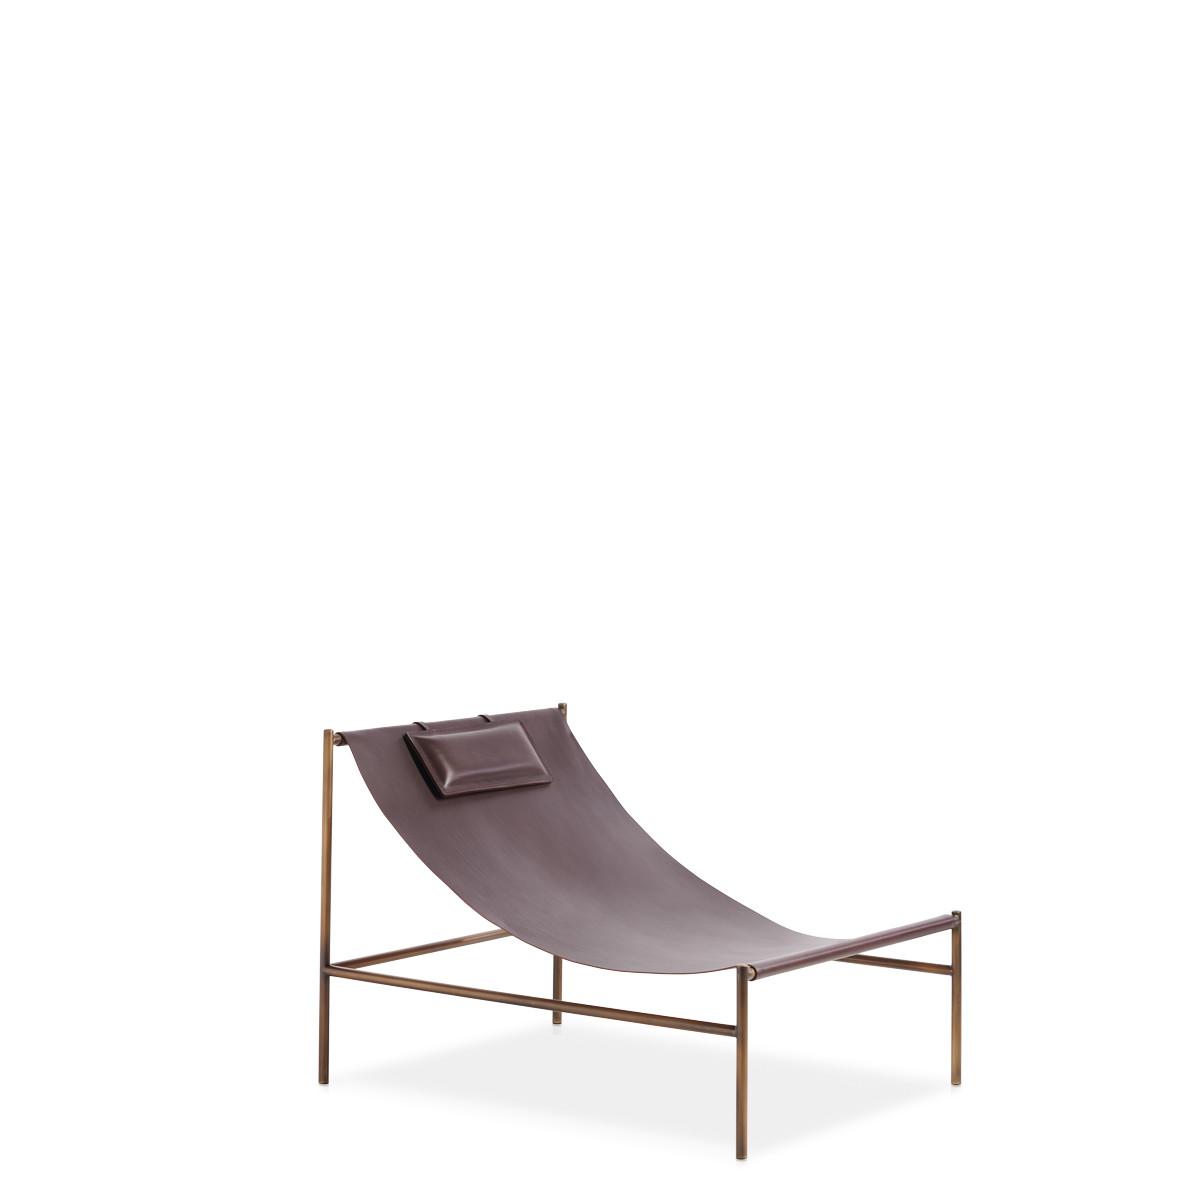 Entdecken Sie bei Conzept Beckord besondere Designmöbel! Hier finden Sie Potocco Sofas und Sessel: Vigo